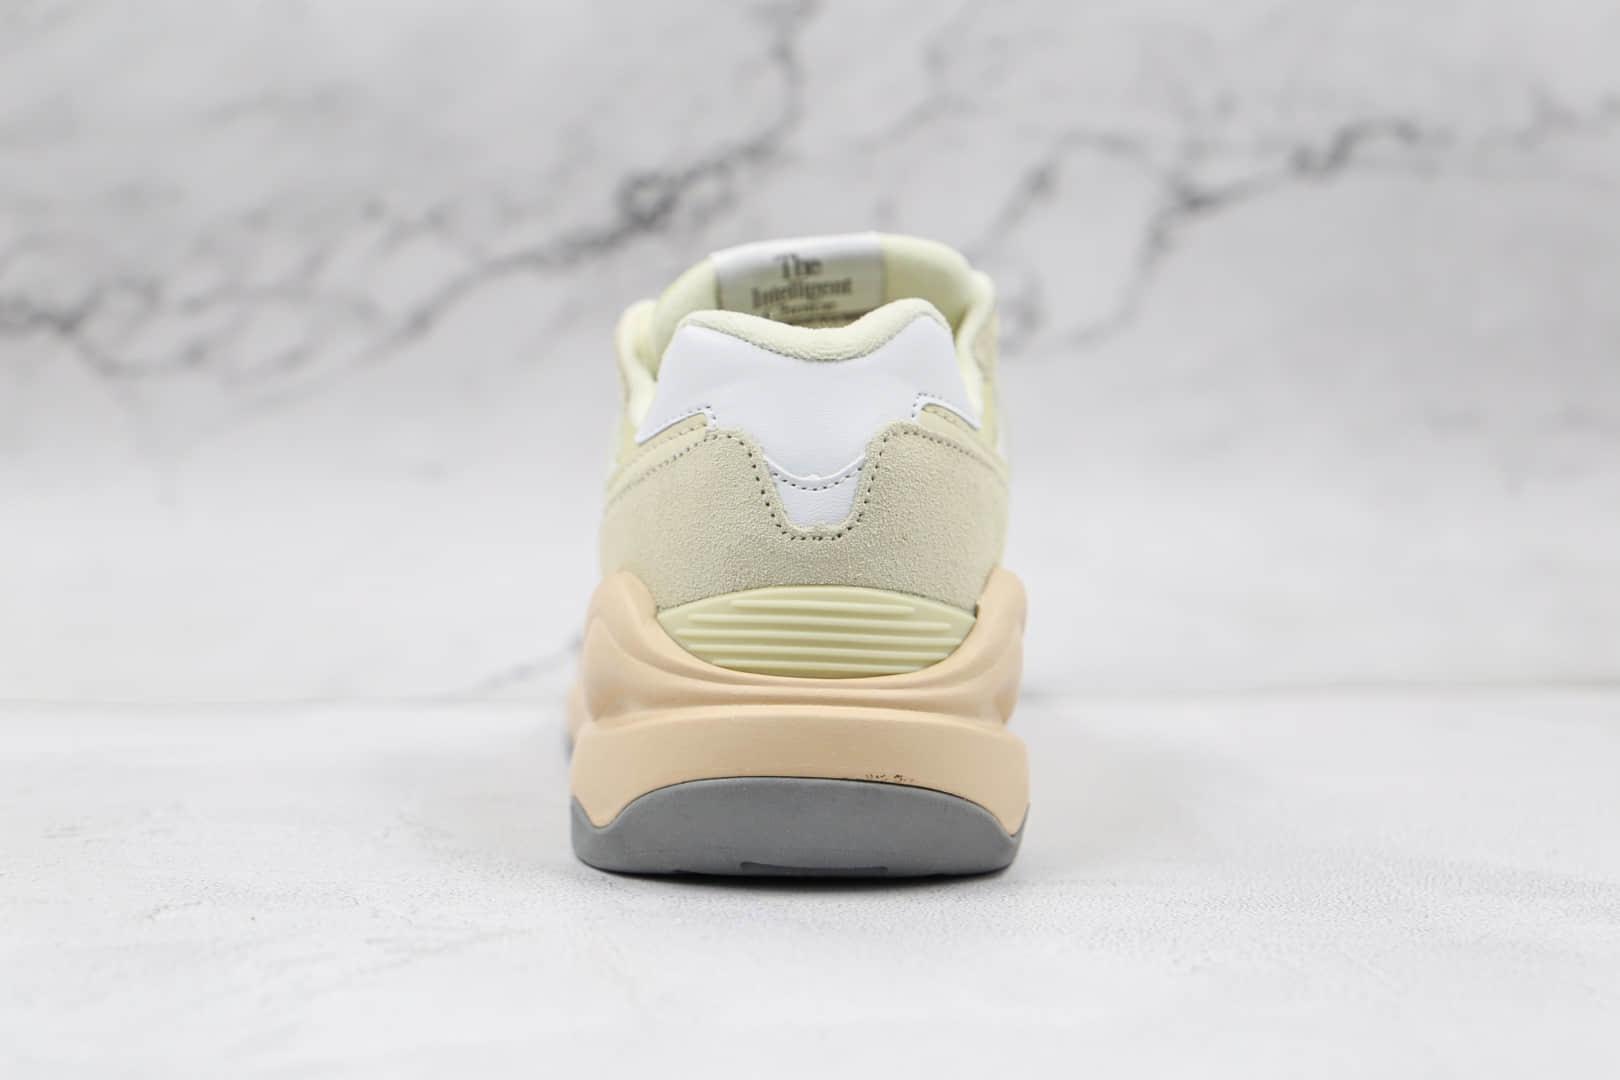 新百伦New Balance 5740纯原版本复古慢跑鞋NB5740米黄色老爹鞋原楦头纸板打造 货号:W5740CE